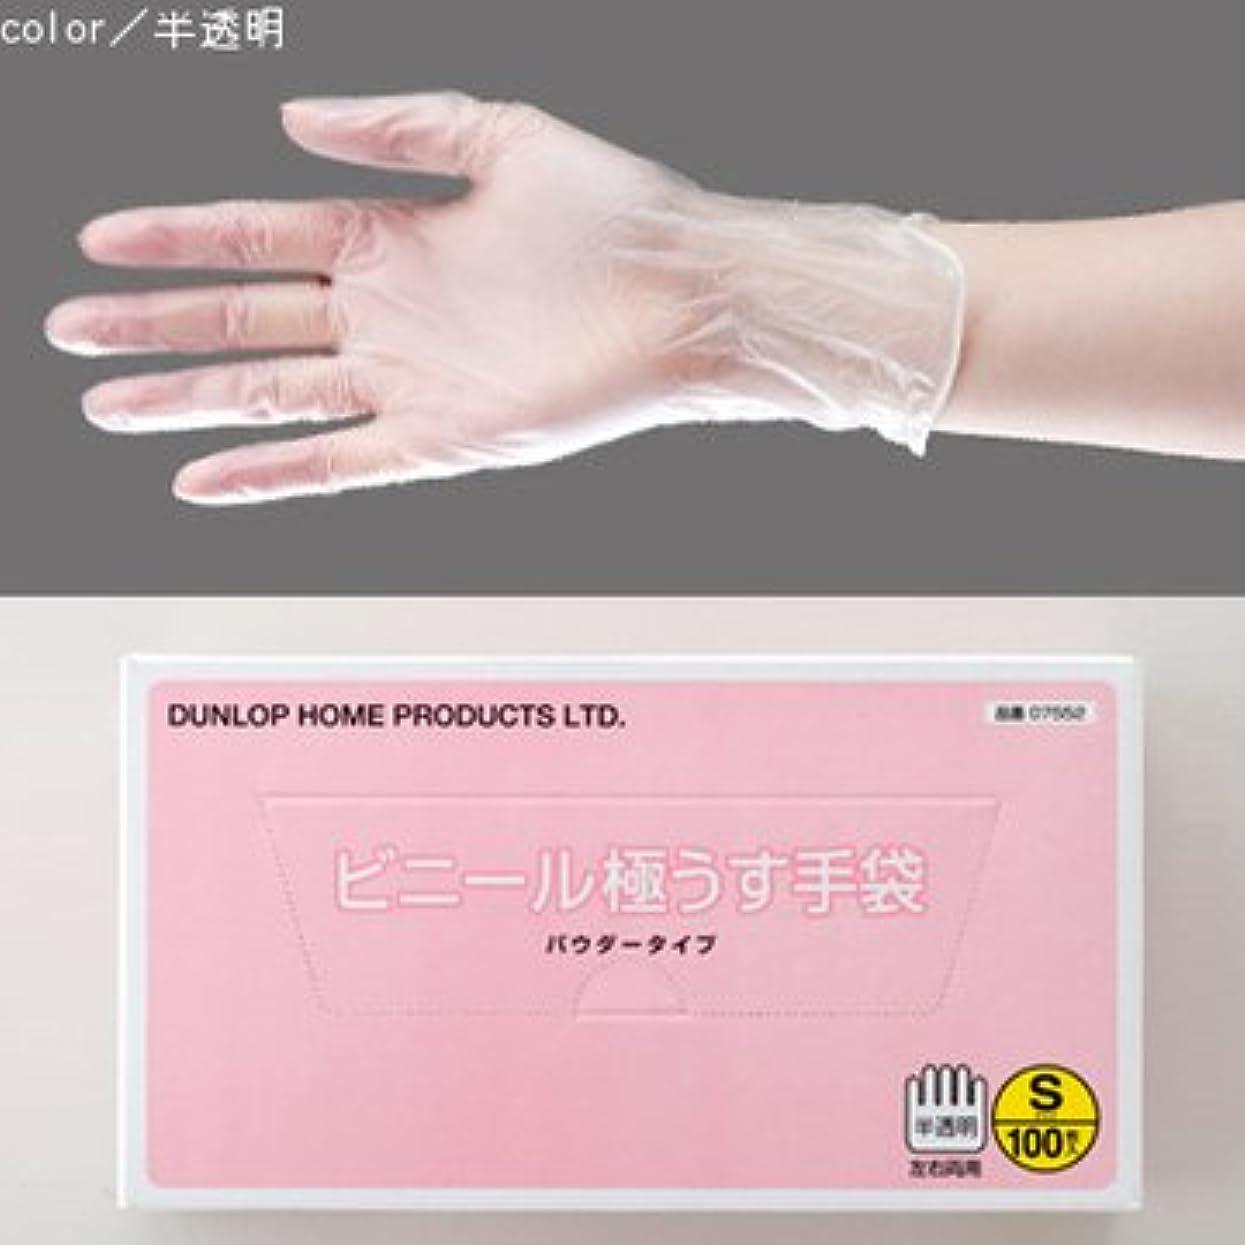 唇矛盾する芸術ビニール極うす手袋 100枚入 (M)